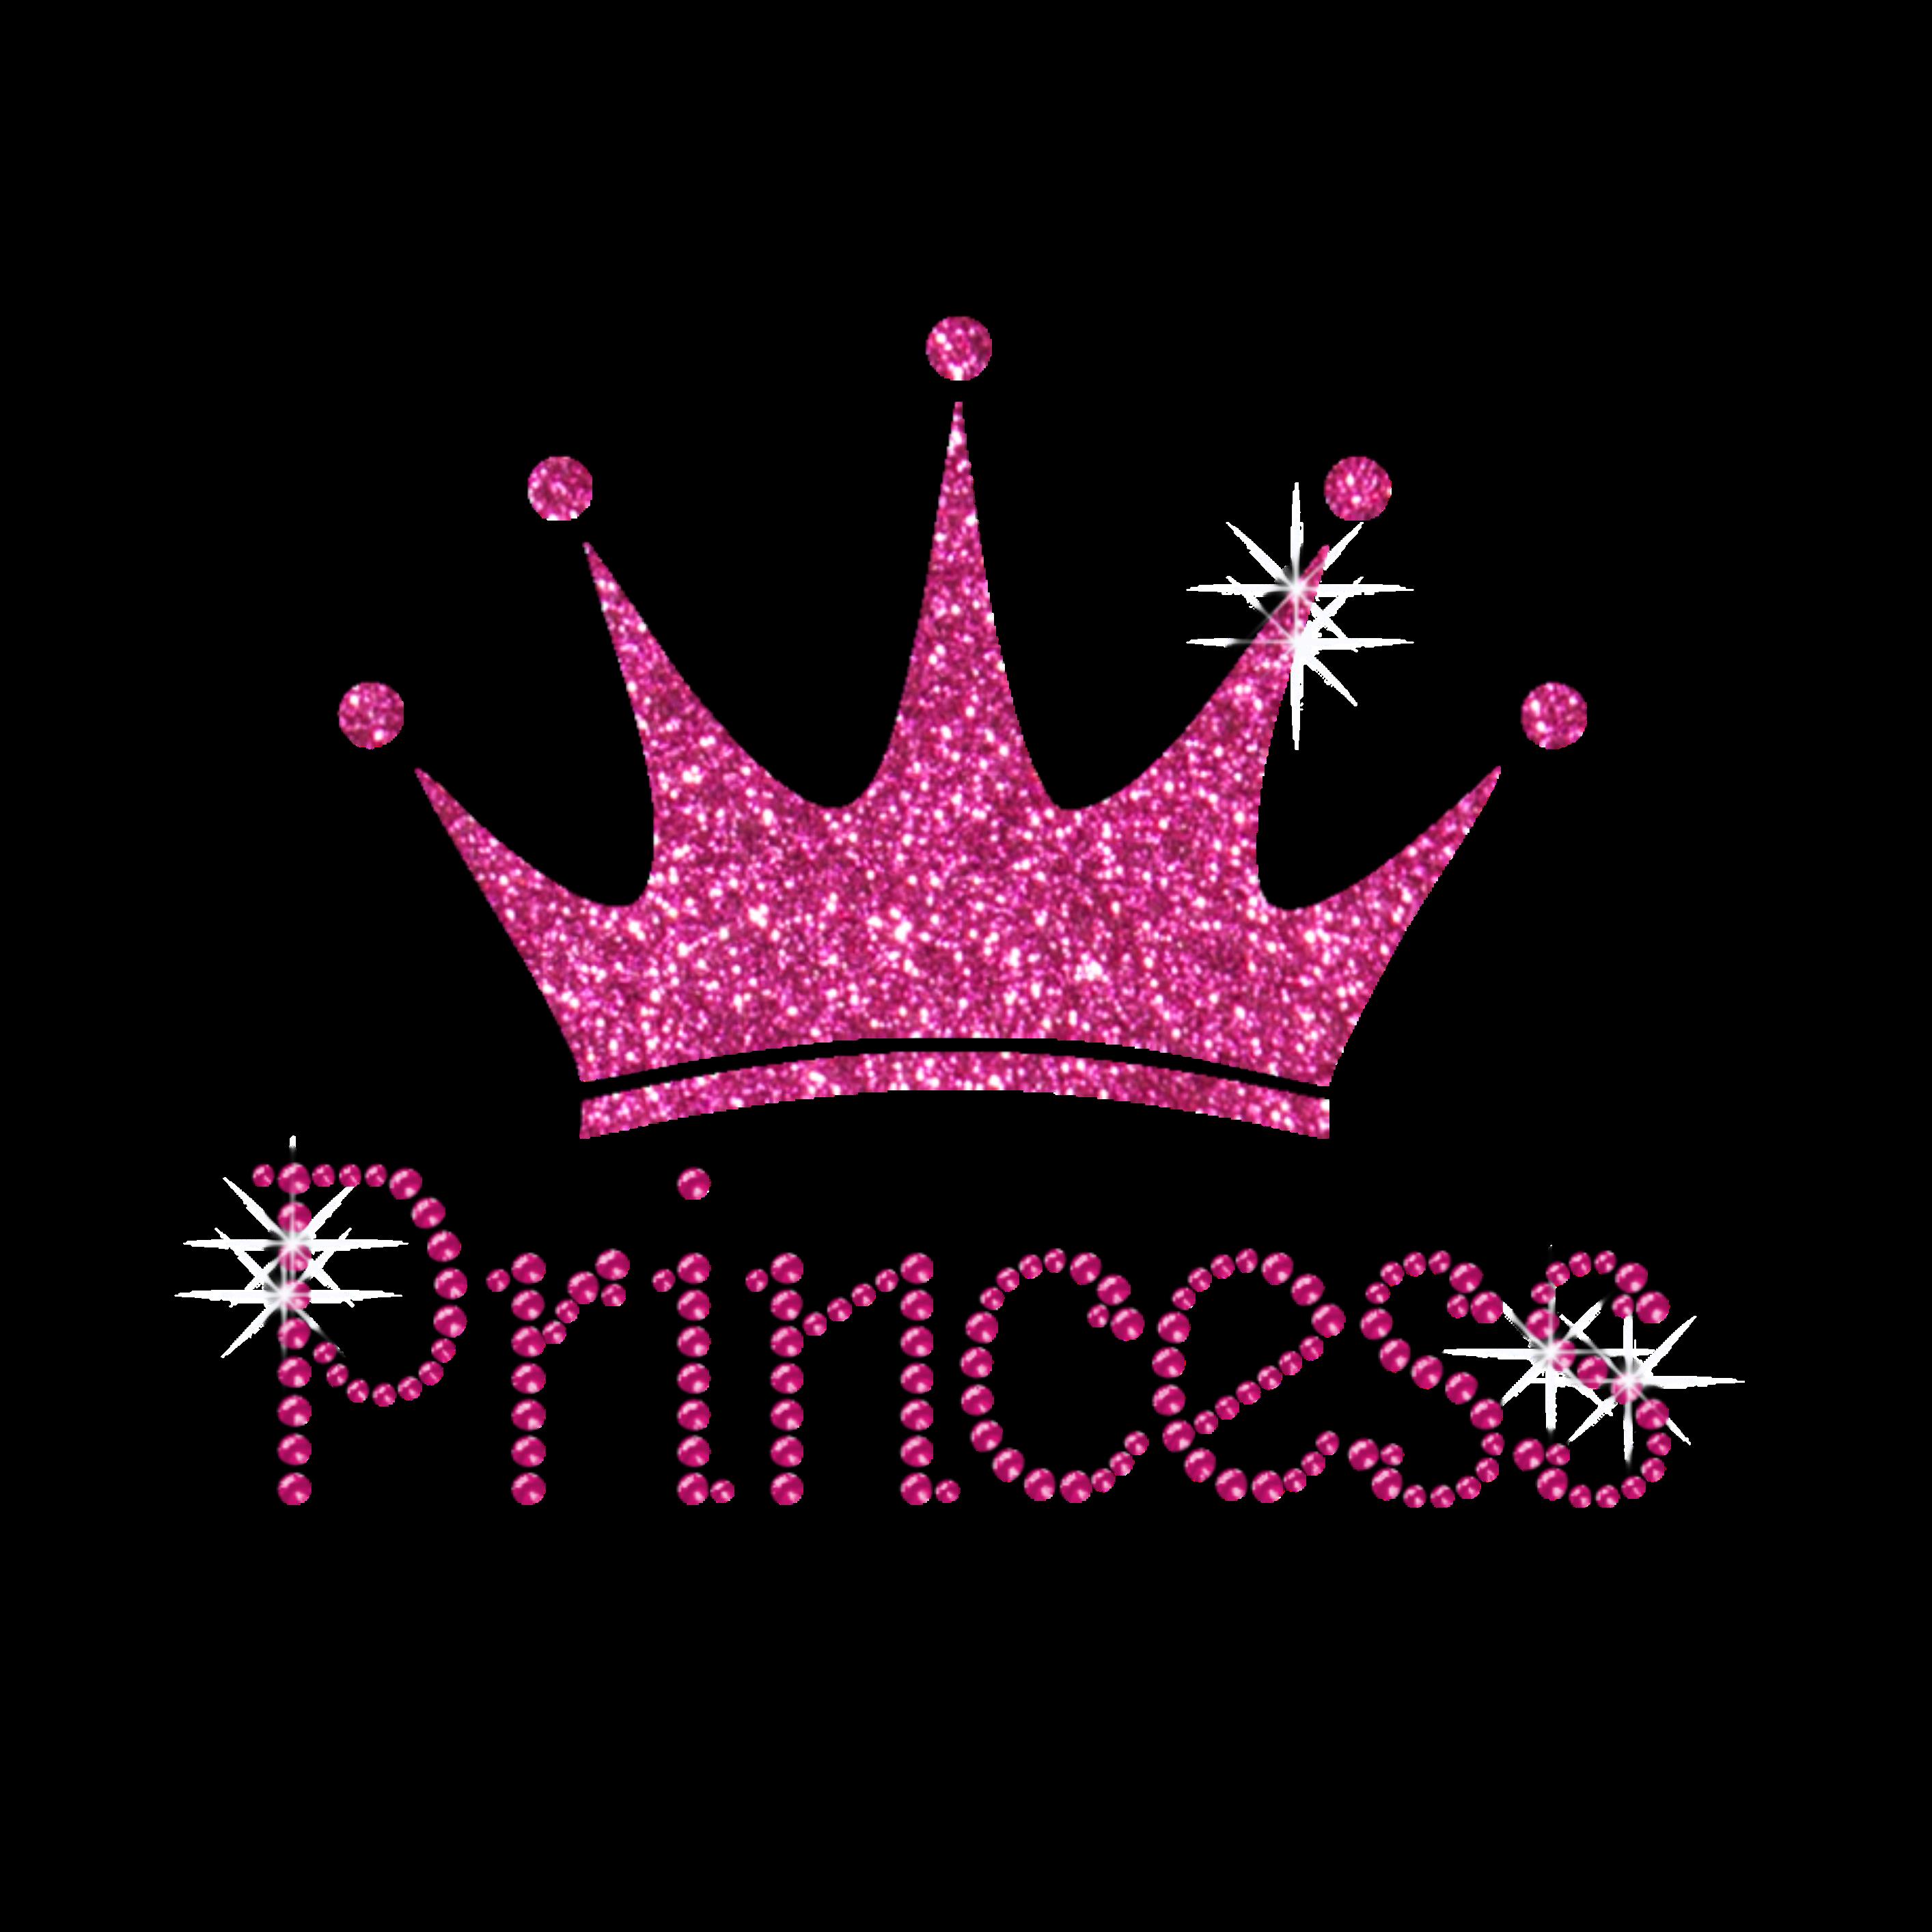 Для, картинки с надписью принцессы